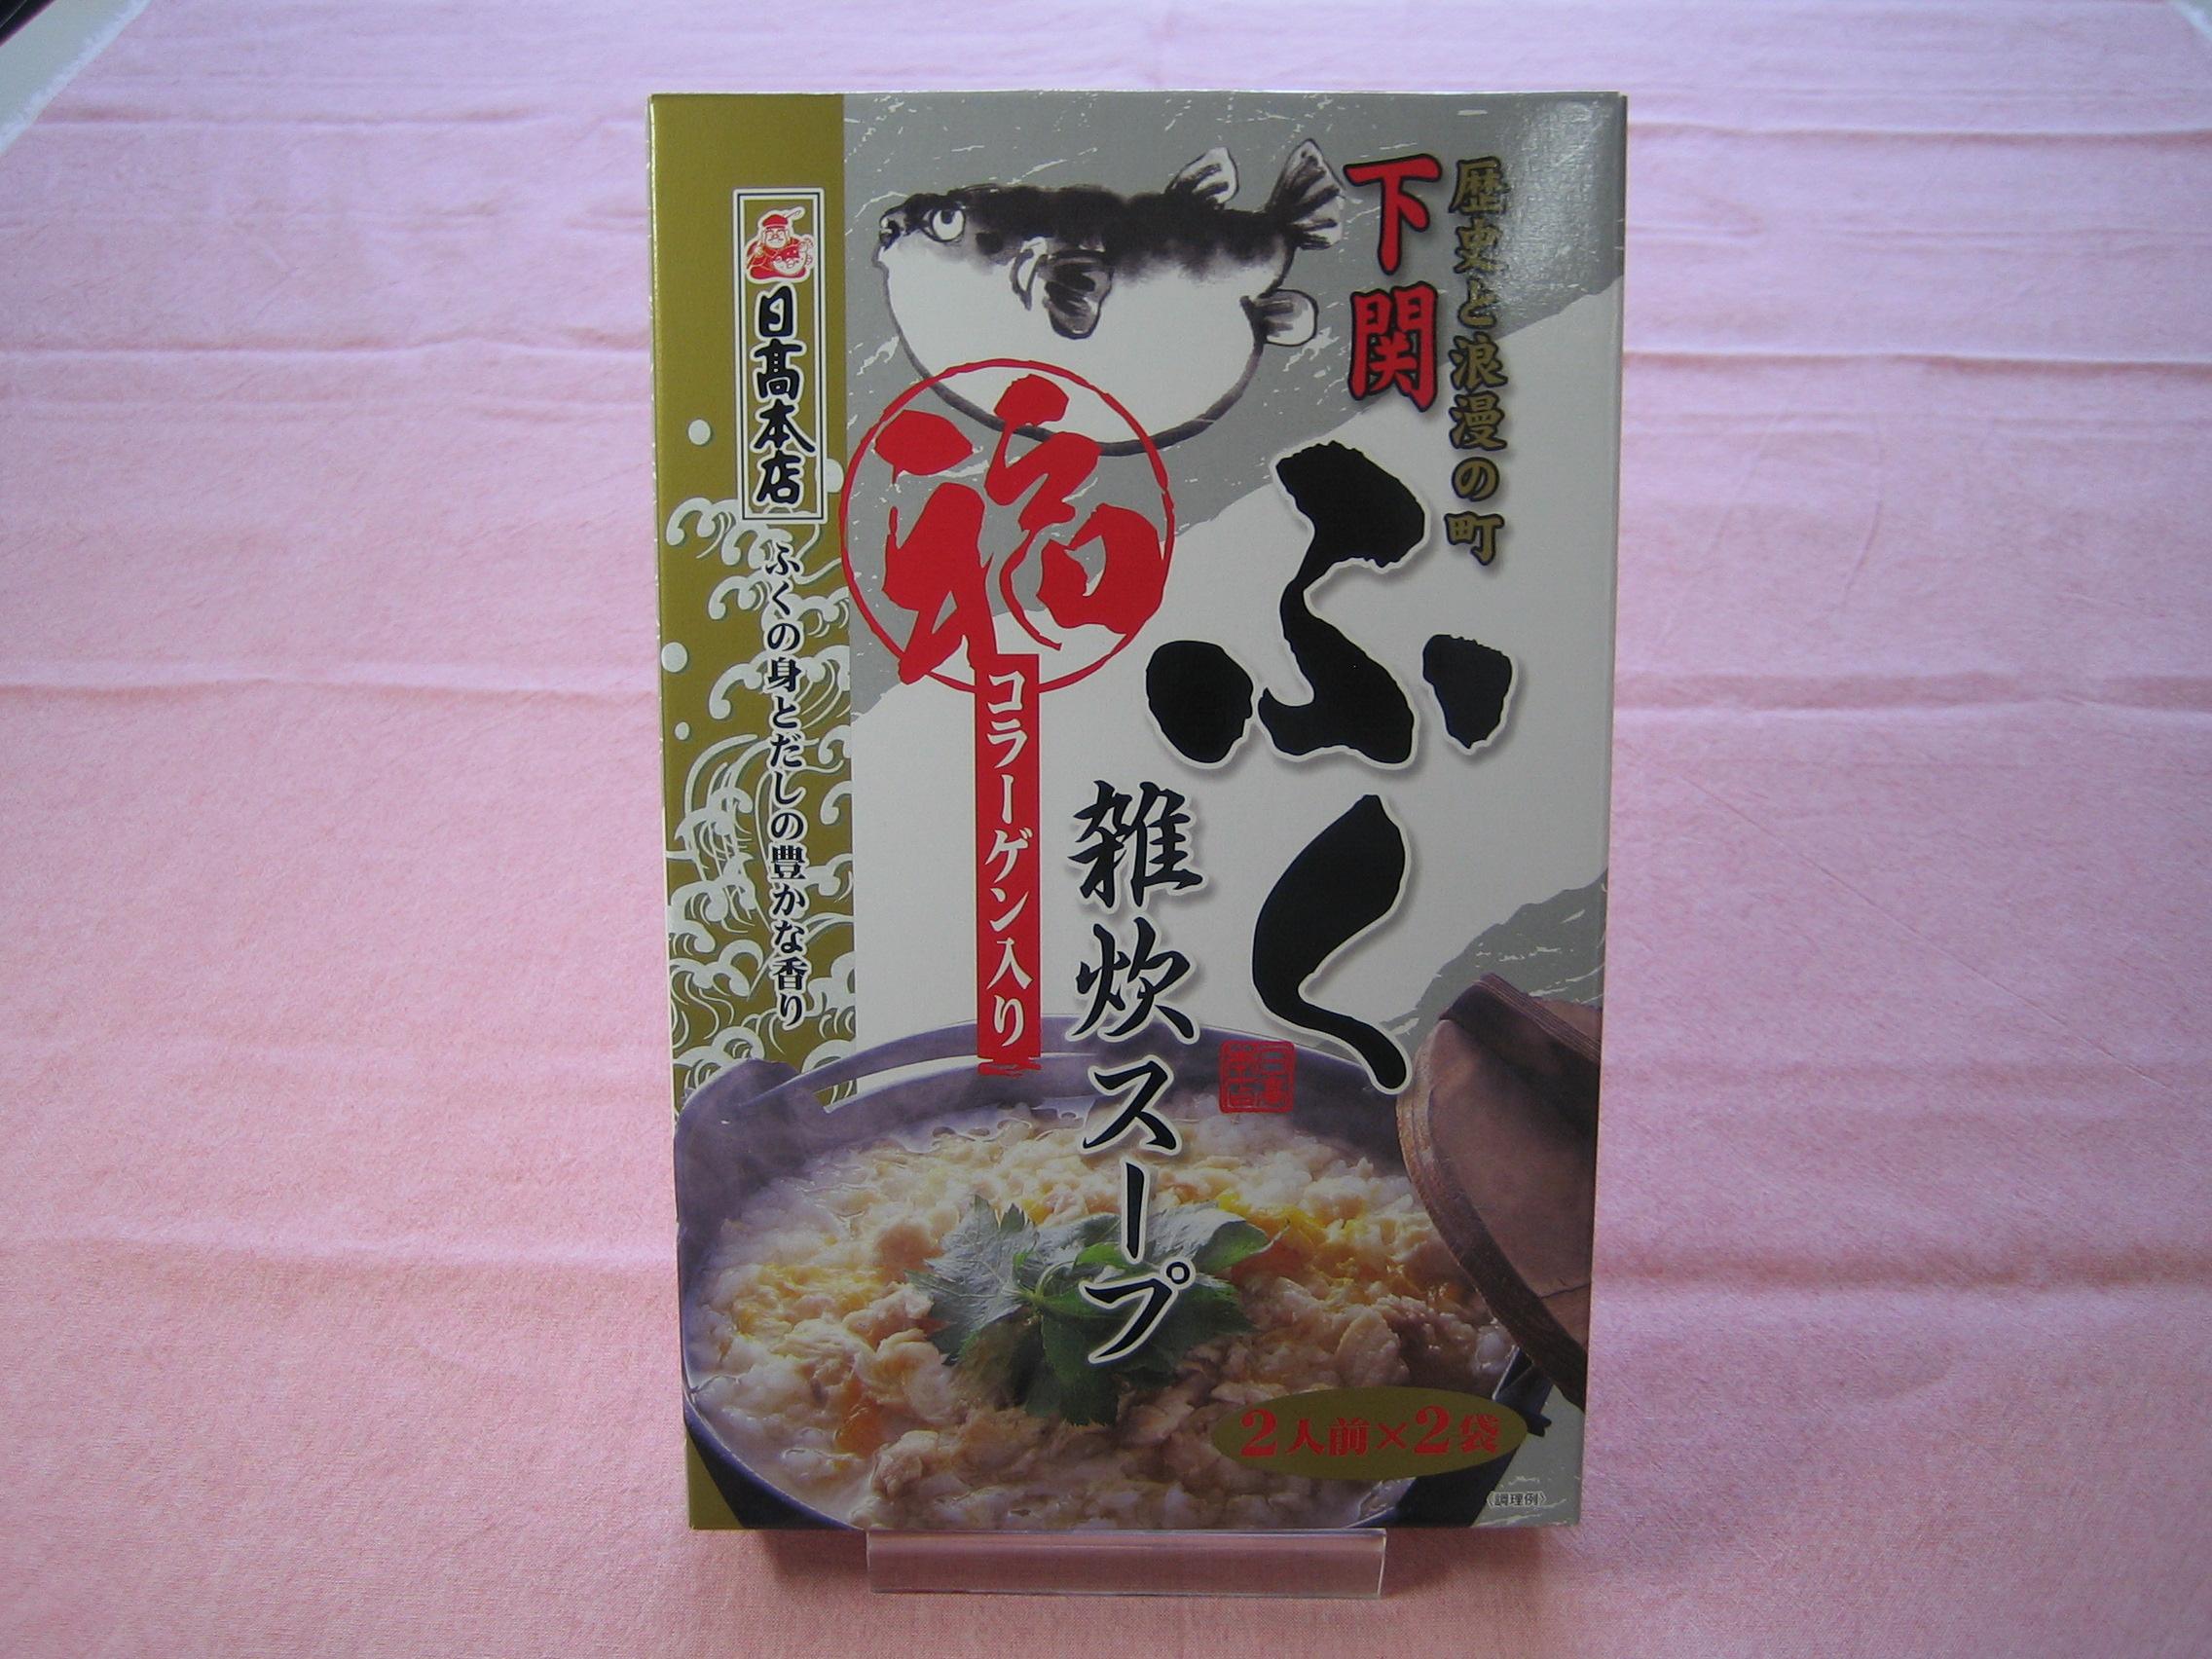 下関ふく雑炊スープ 2名分×2袋01